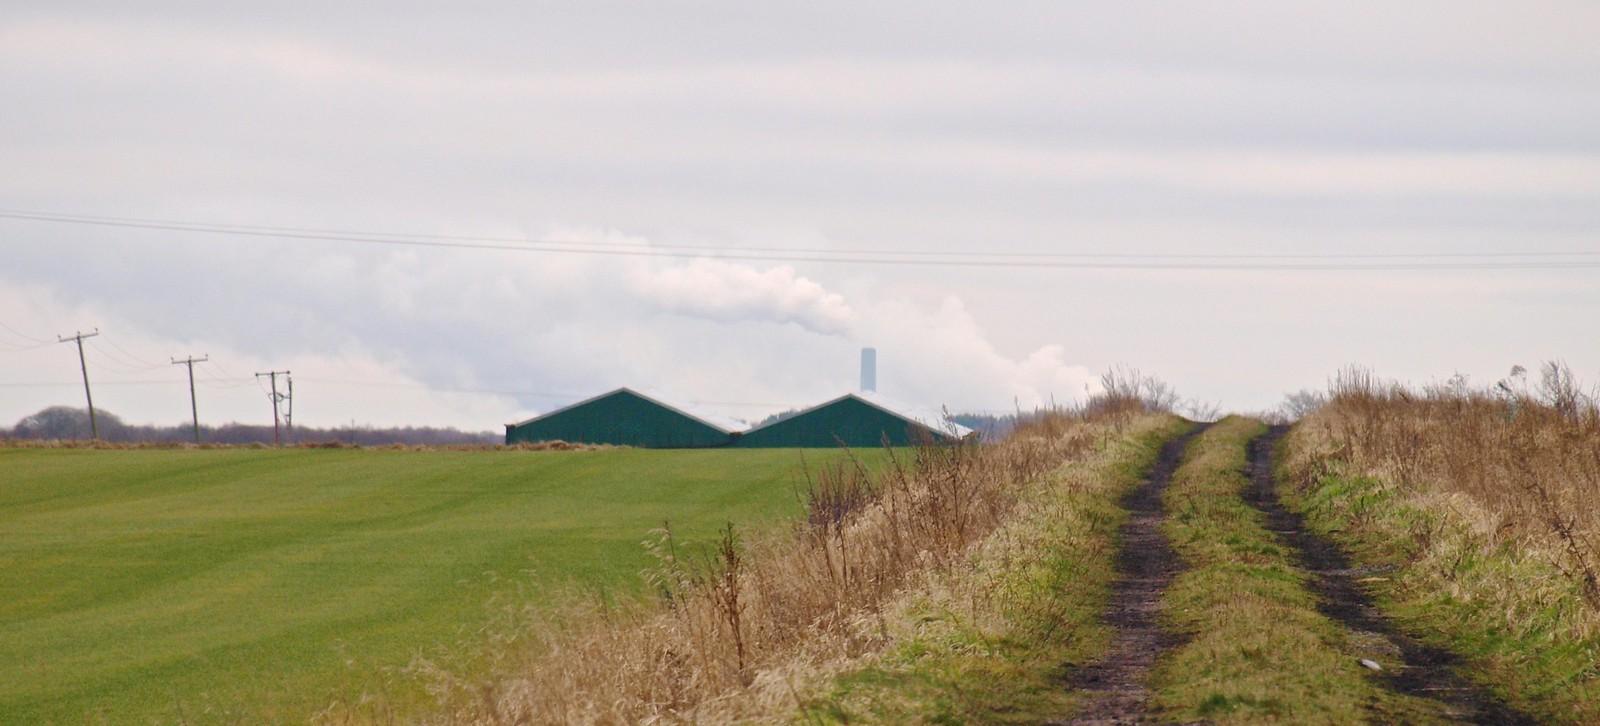 Rural Irlam